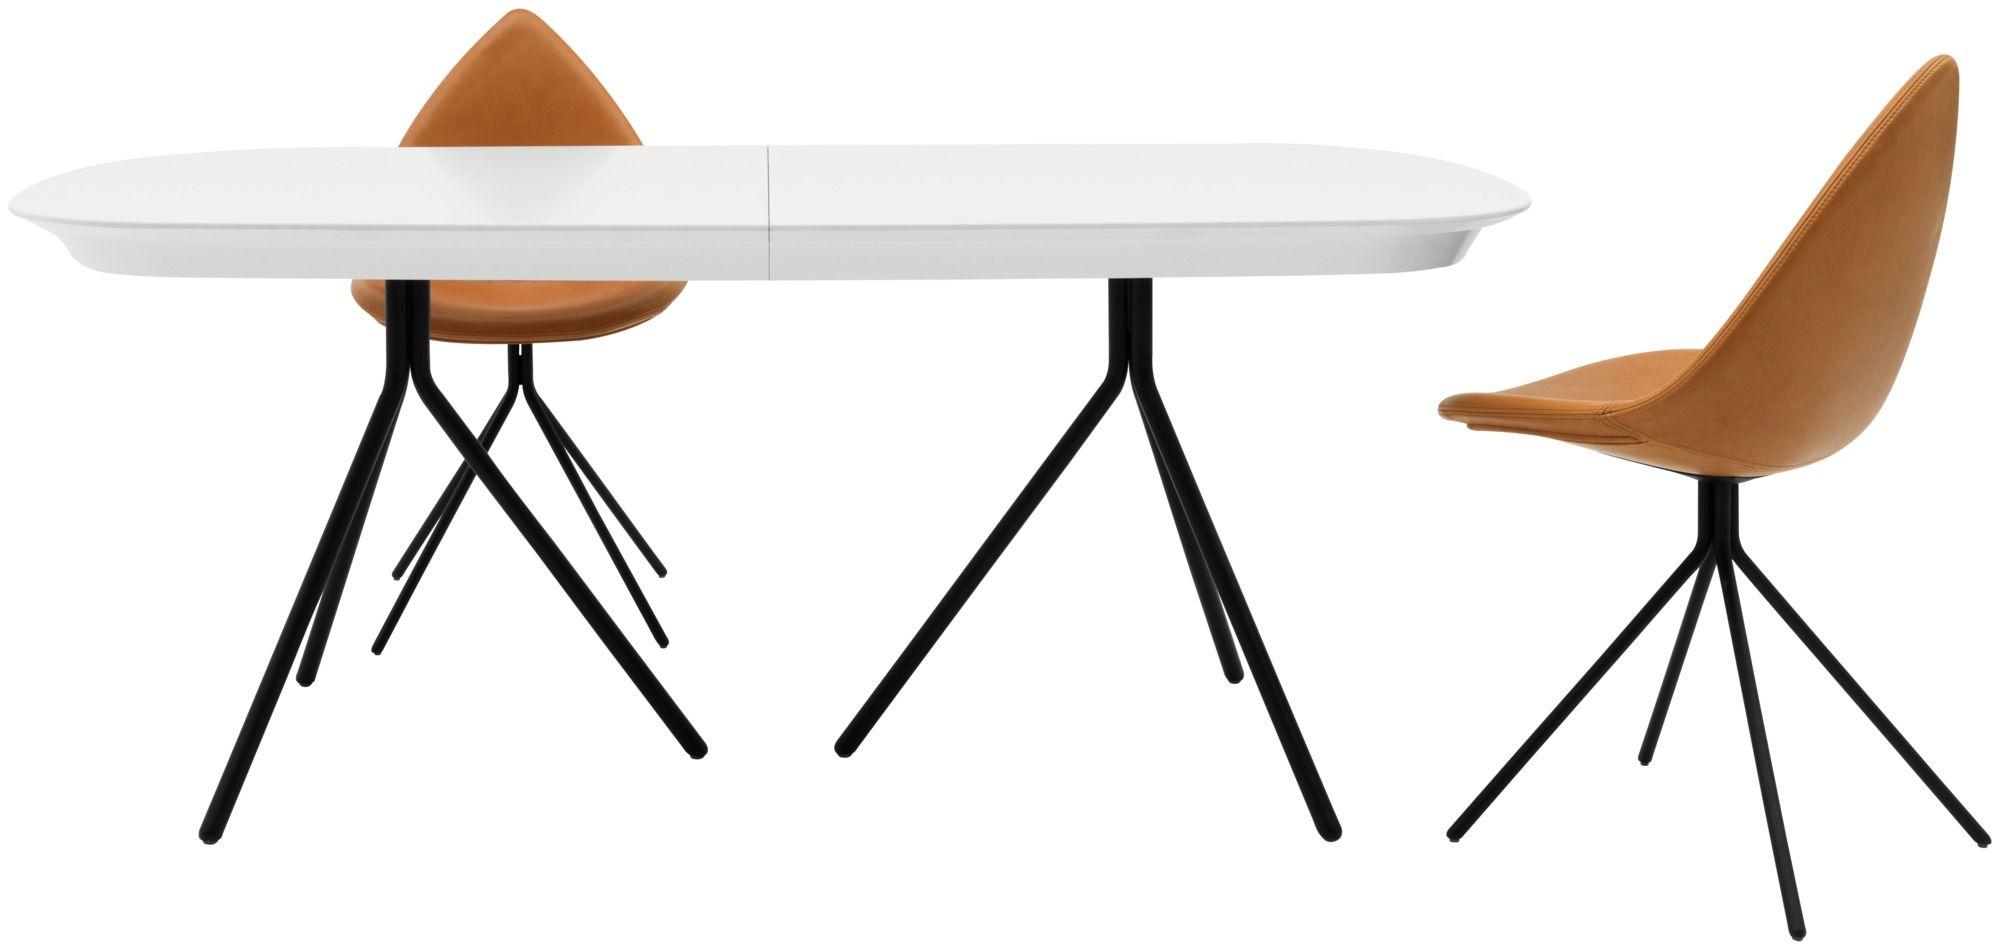 Ottawa Tisch Mit Zusatztischplatte Extendable Dining Table